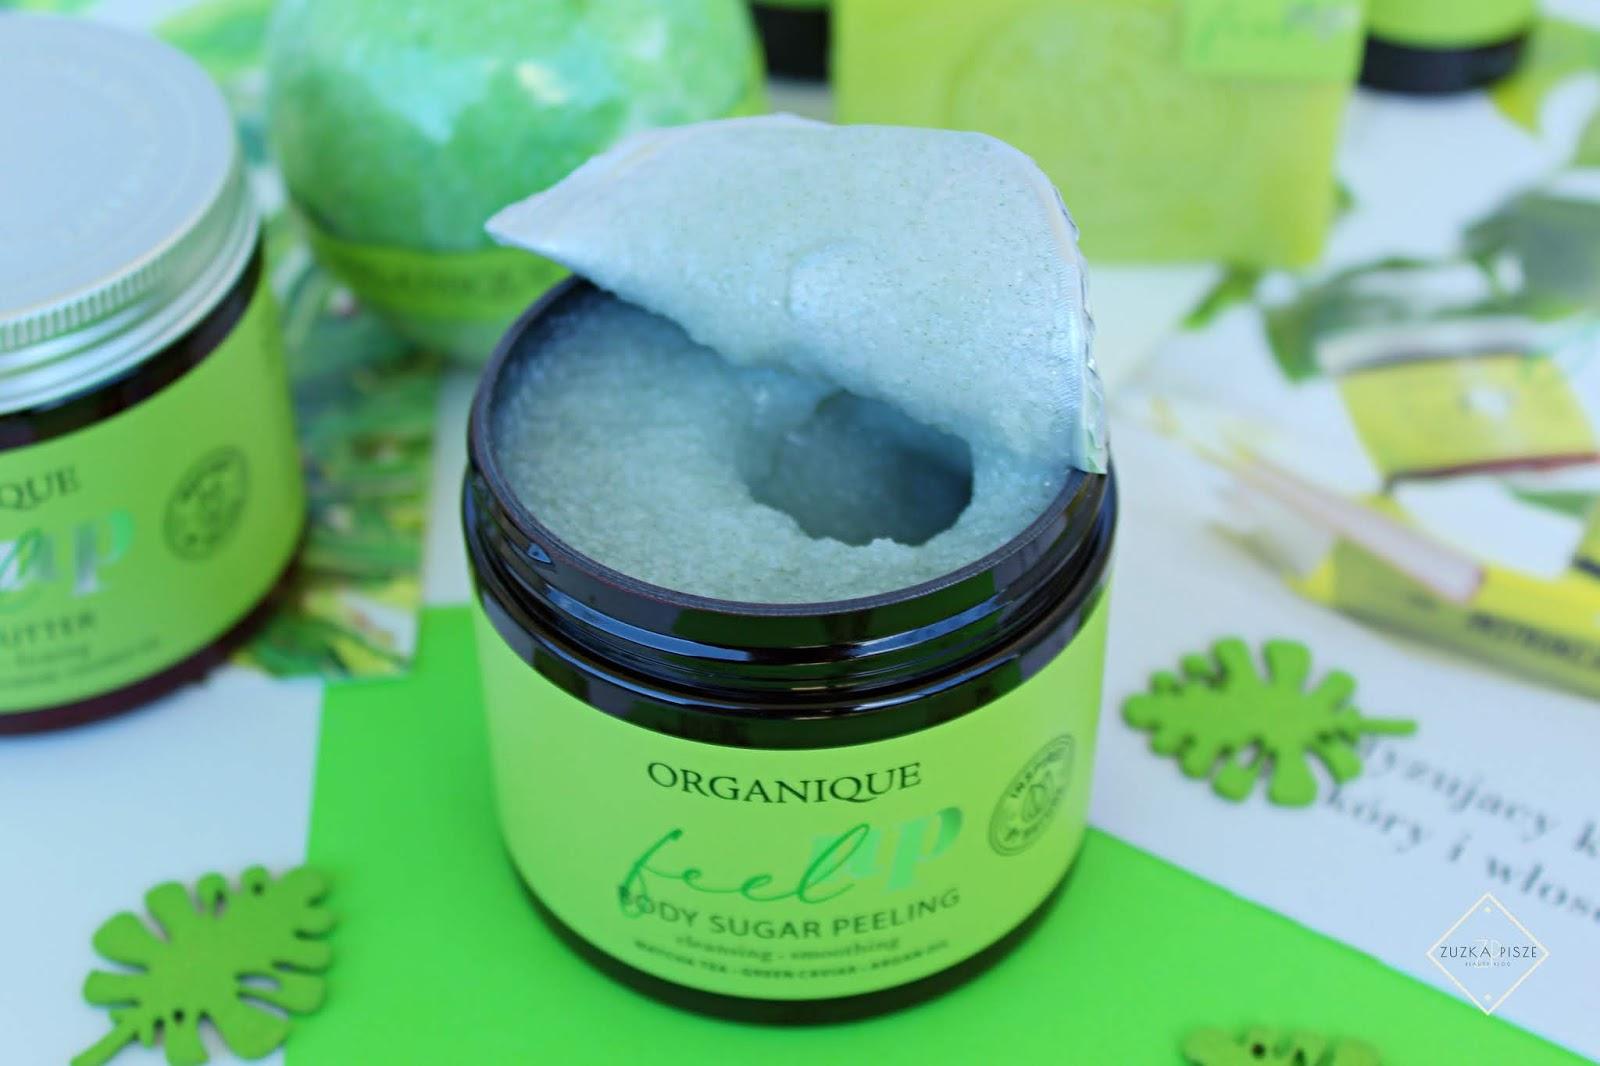 Oczyszczający peeling cukrowy do ciała Feel Up  organique